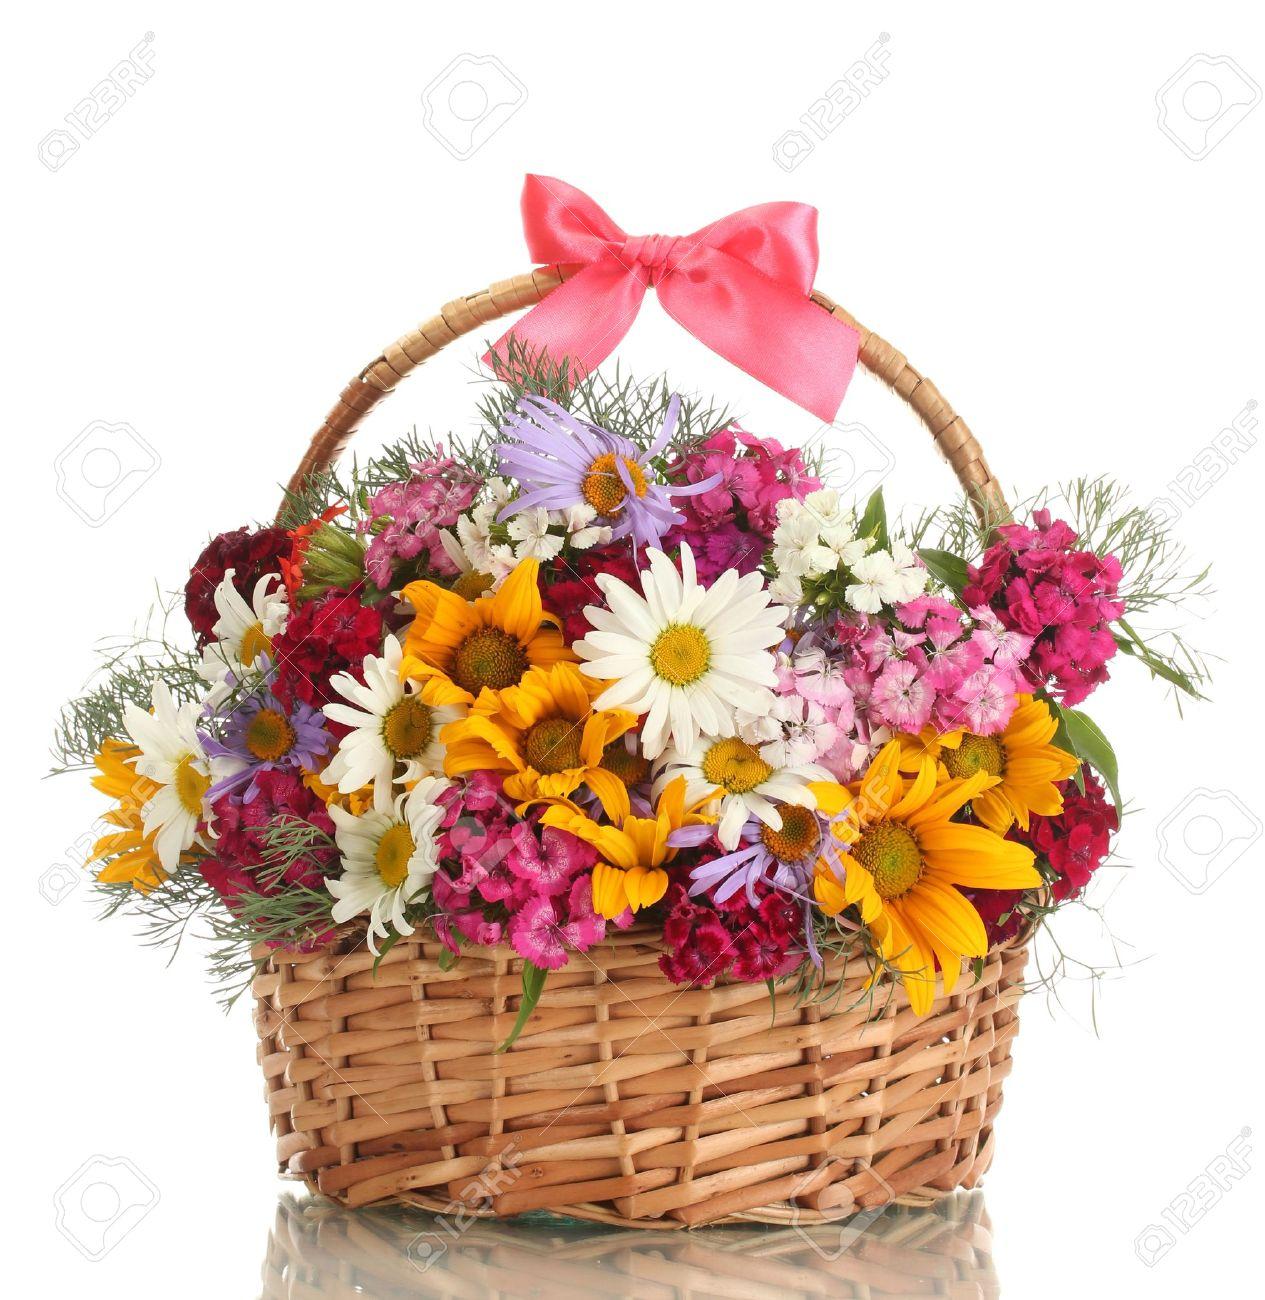 LO SCIOCCO (una storia da raccontare ) 15009127-bellissimo-mazzo-di-fiori-di-campo-luminoso-nel-carrello-isolato-su-bianco-Archivio-Fotografico